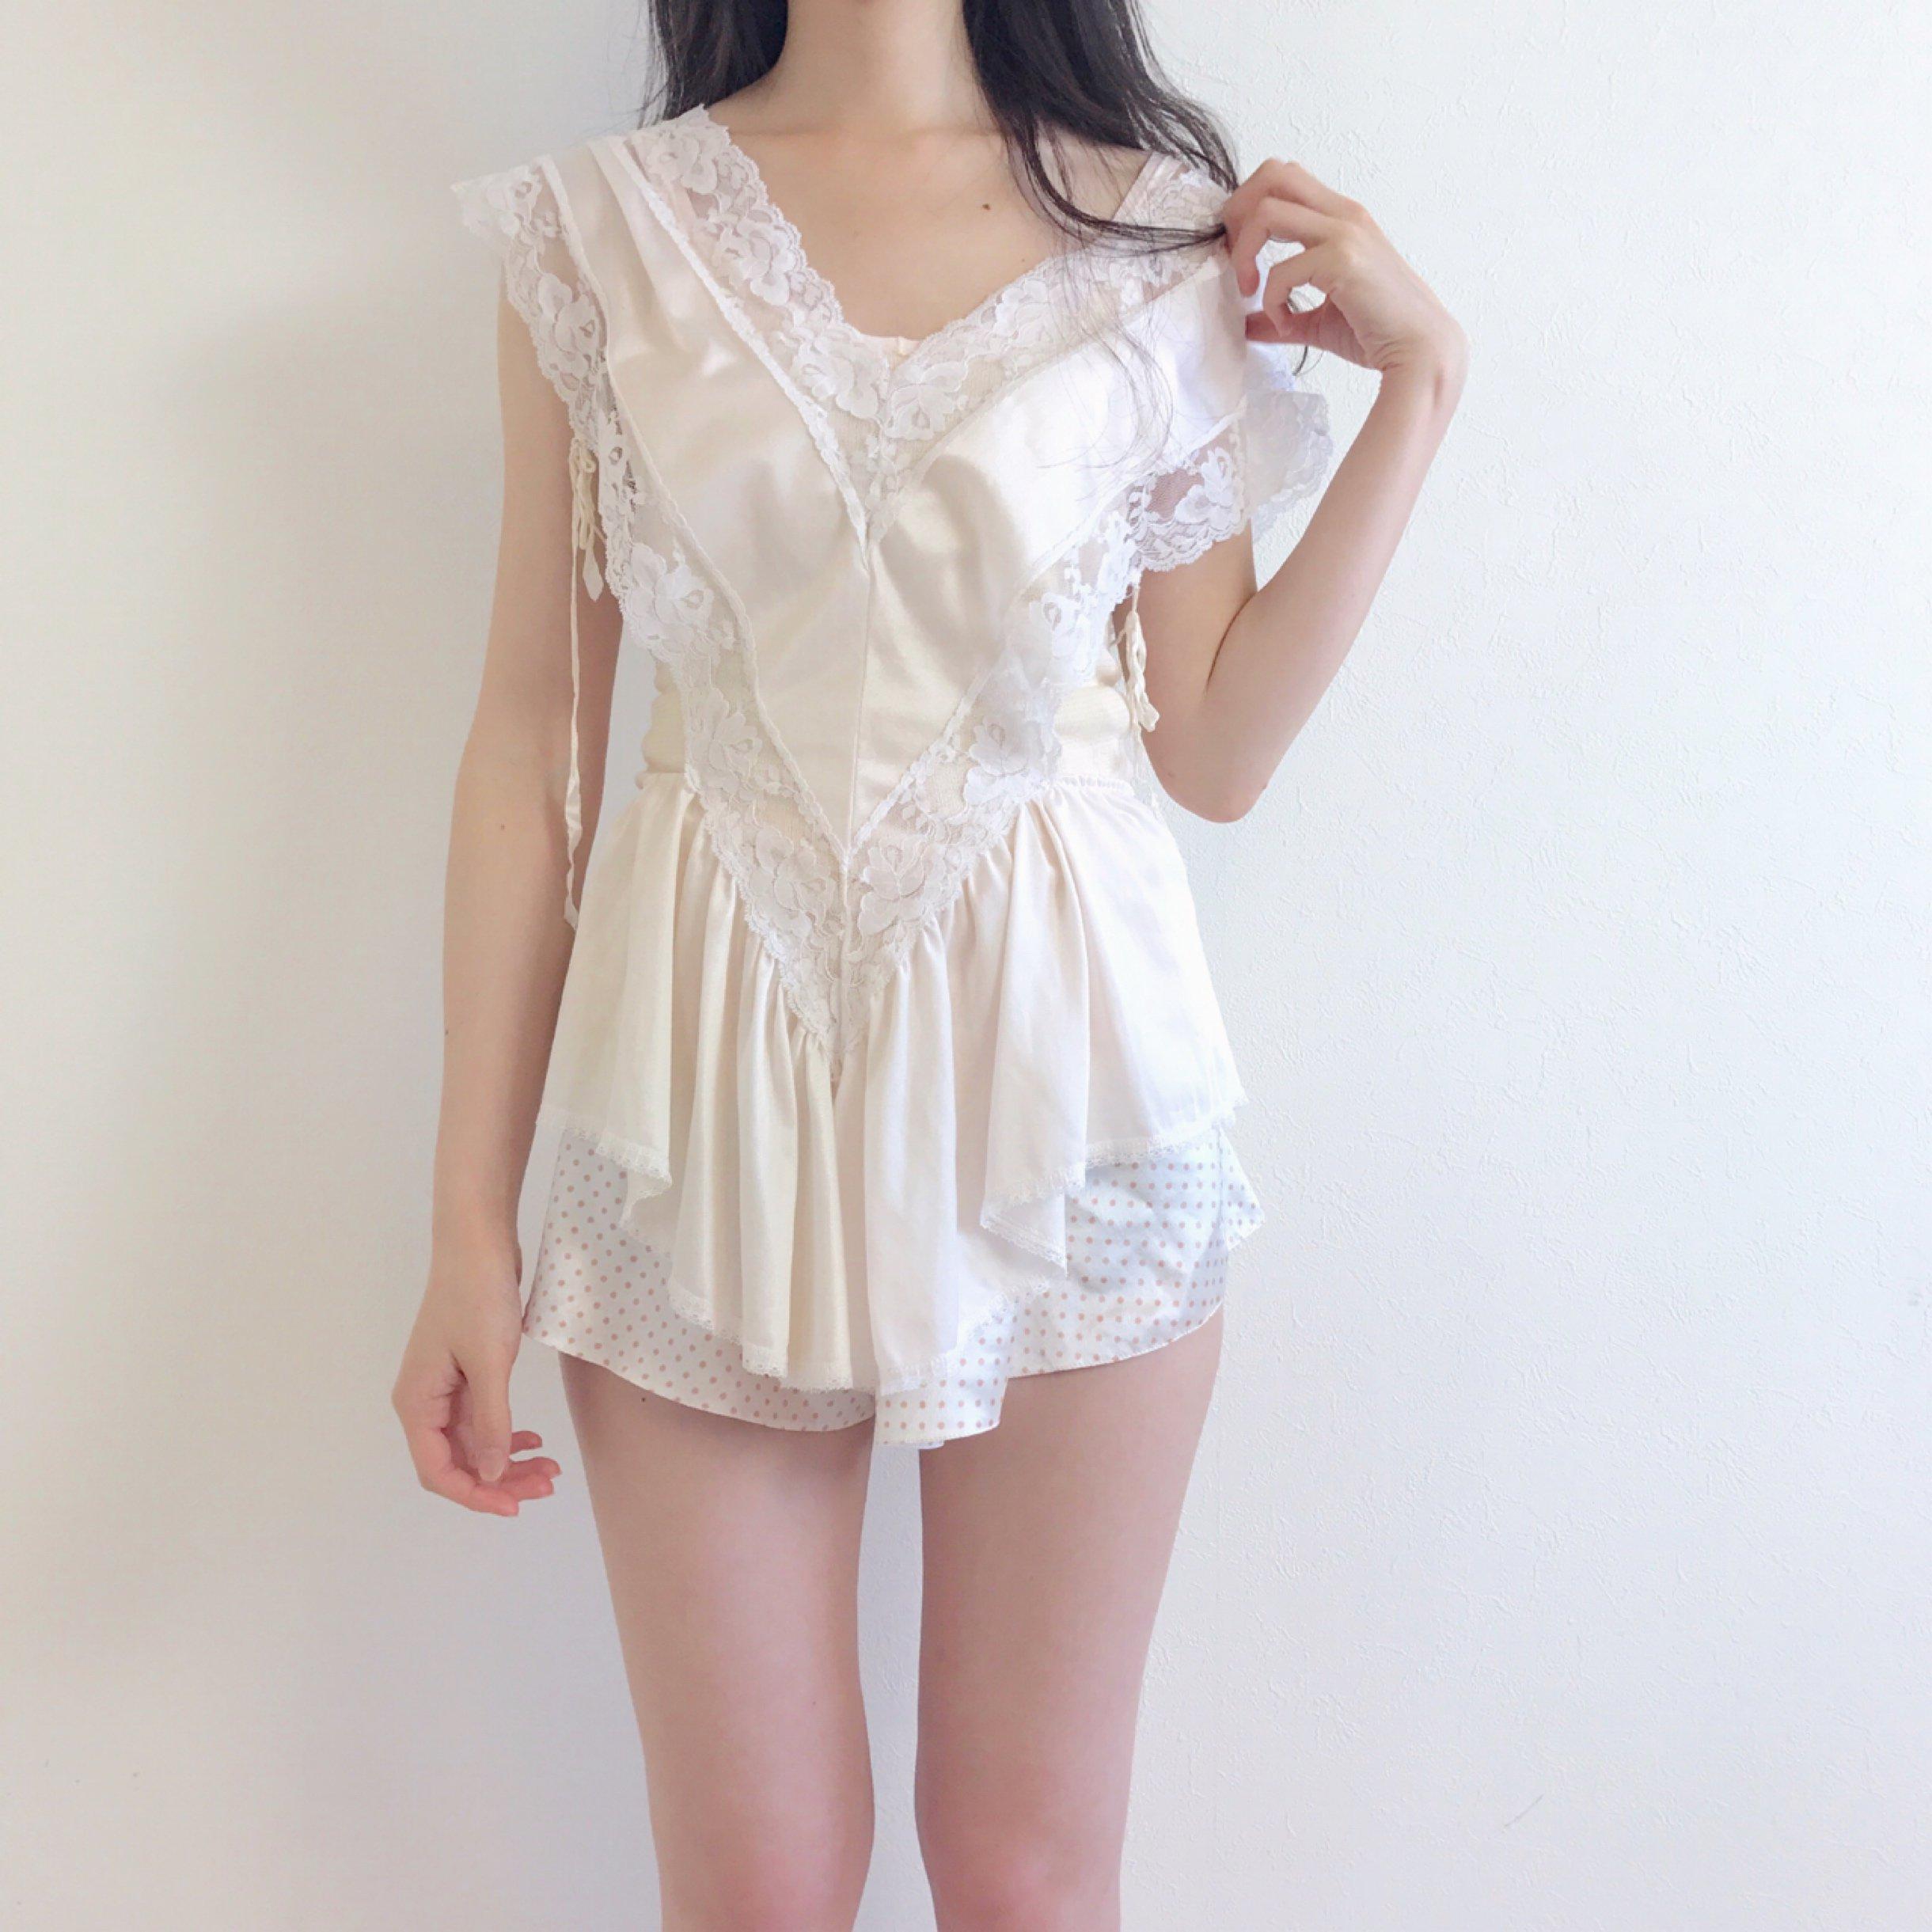 milk white lingerie rompers